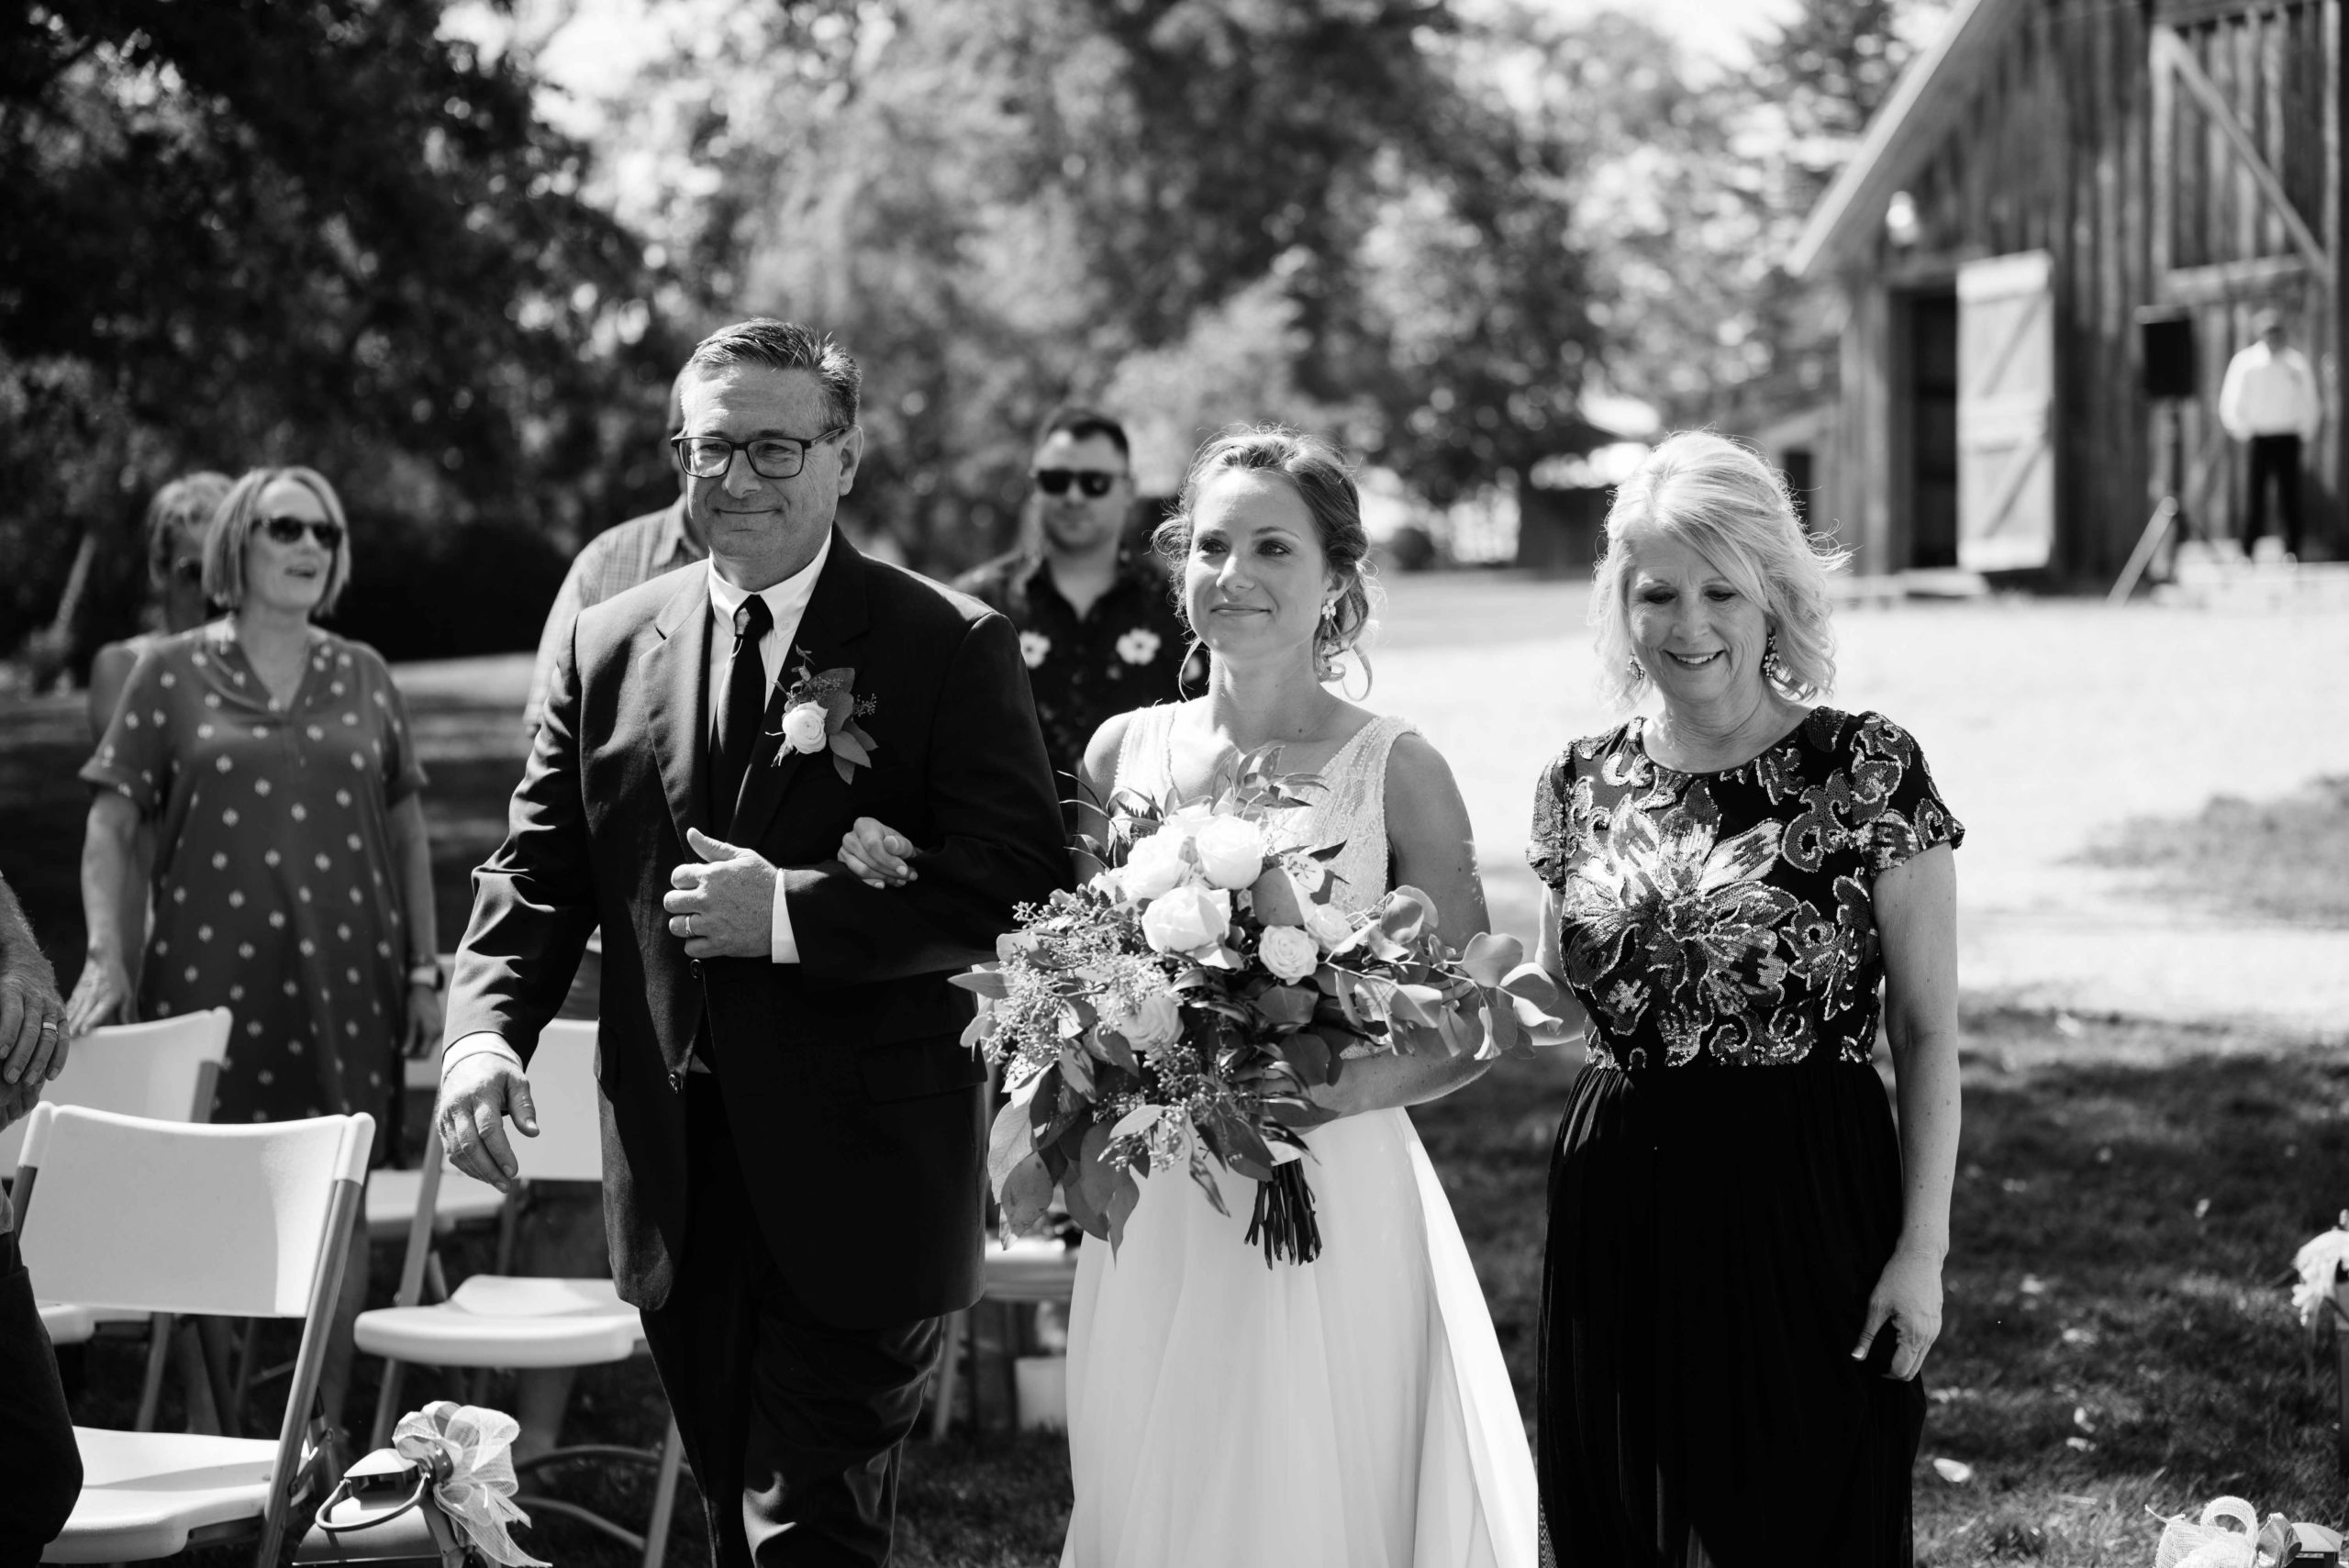 brides parents walking her down the aisle outdoor Iowa wedding ceremony schafer century barn